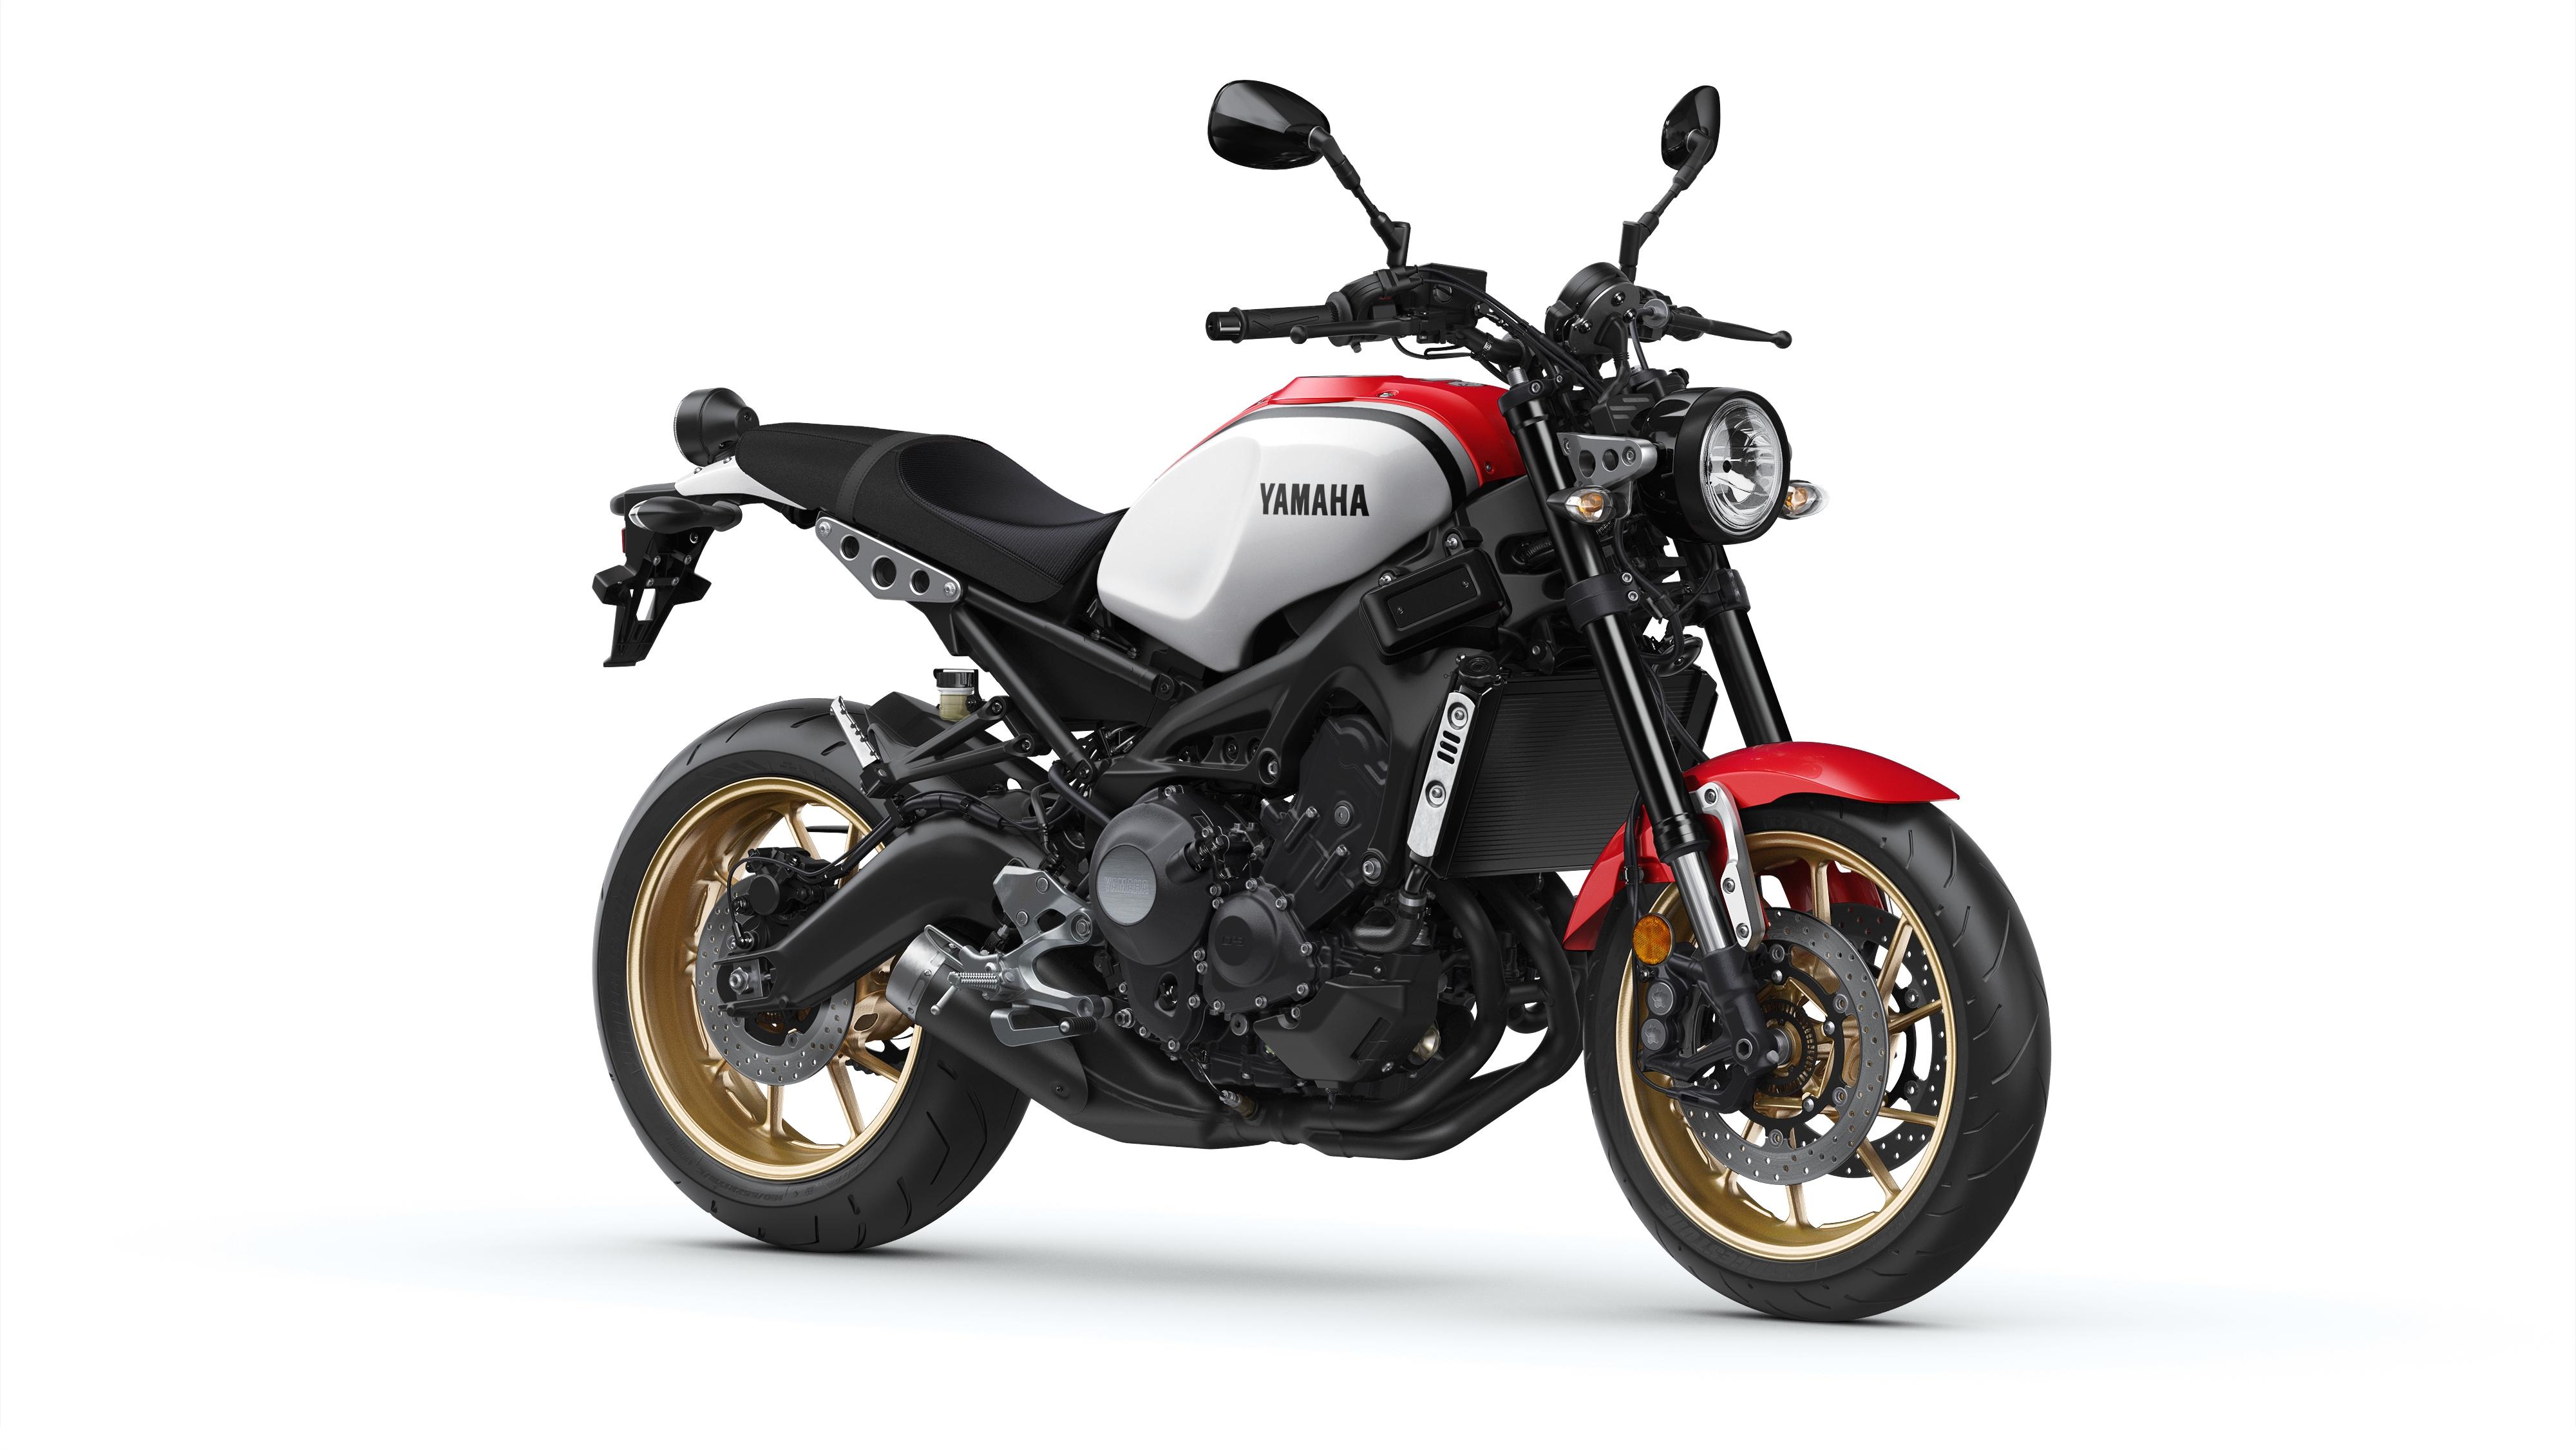 Yamaha XSR900 nu kopen